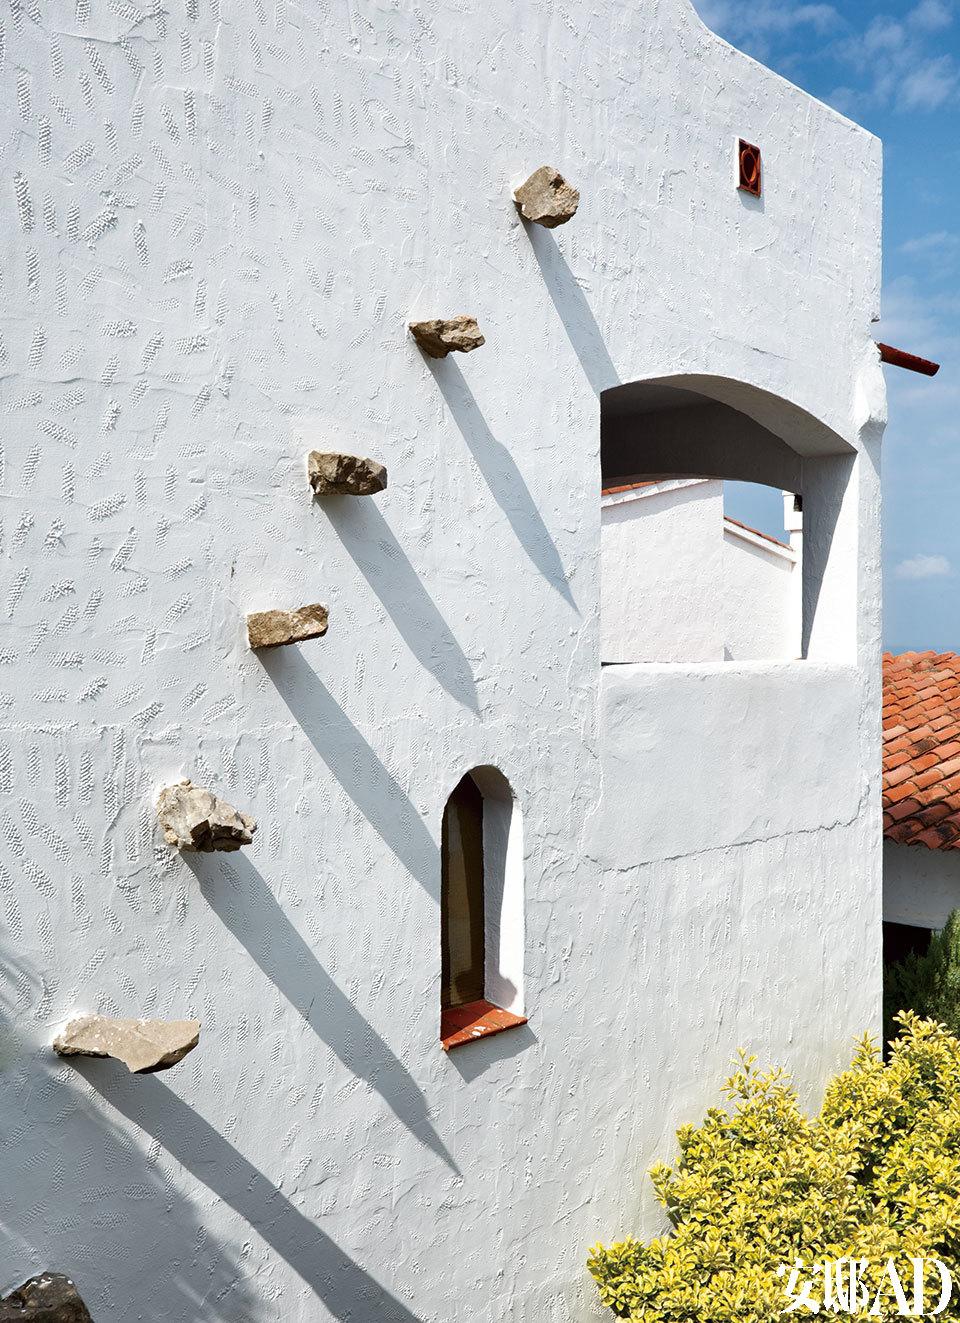 从镘刀抹子留下的直线、斜线,到花朵、心形图案,每幢房子的外墙上都印有这样那样的主题。一处房屋的外墙细节,石膏是主角,它的构造和它自身散发出的光线玩味古韵,外表古色古香,充满魅力,这便是非常独特古老的地中海文化。